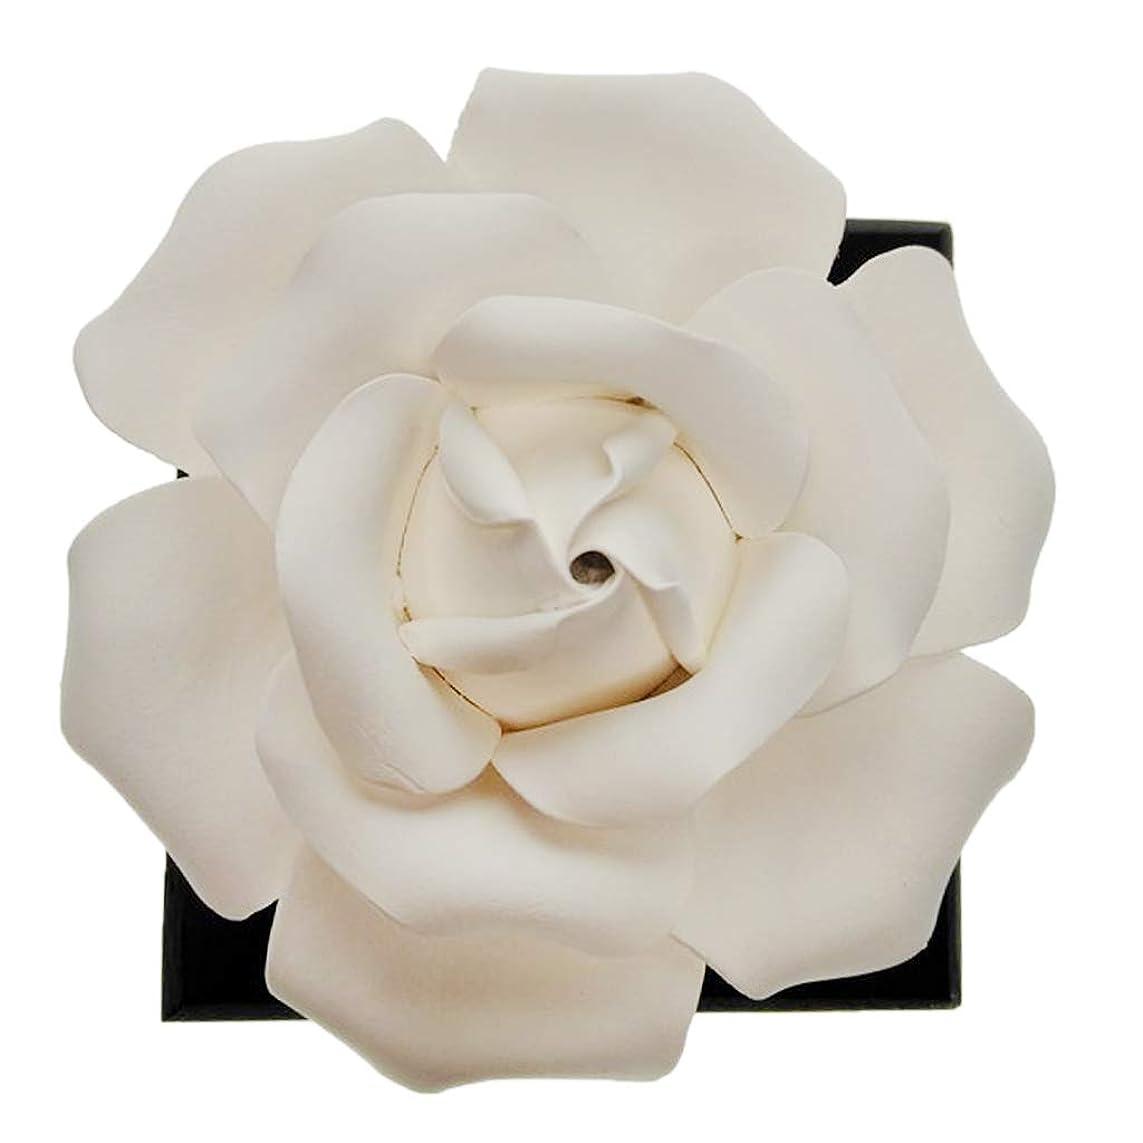 与えるしみ虫B Blesiya ローズフラワー エッセンシャルオイル 香水 香りディフューザー 装飾品 工芸品